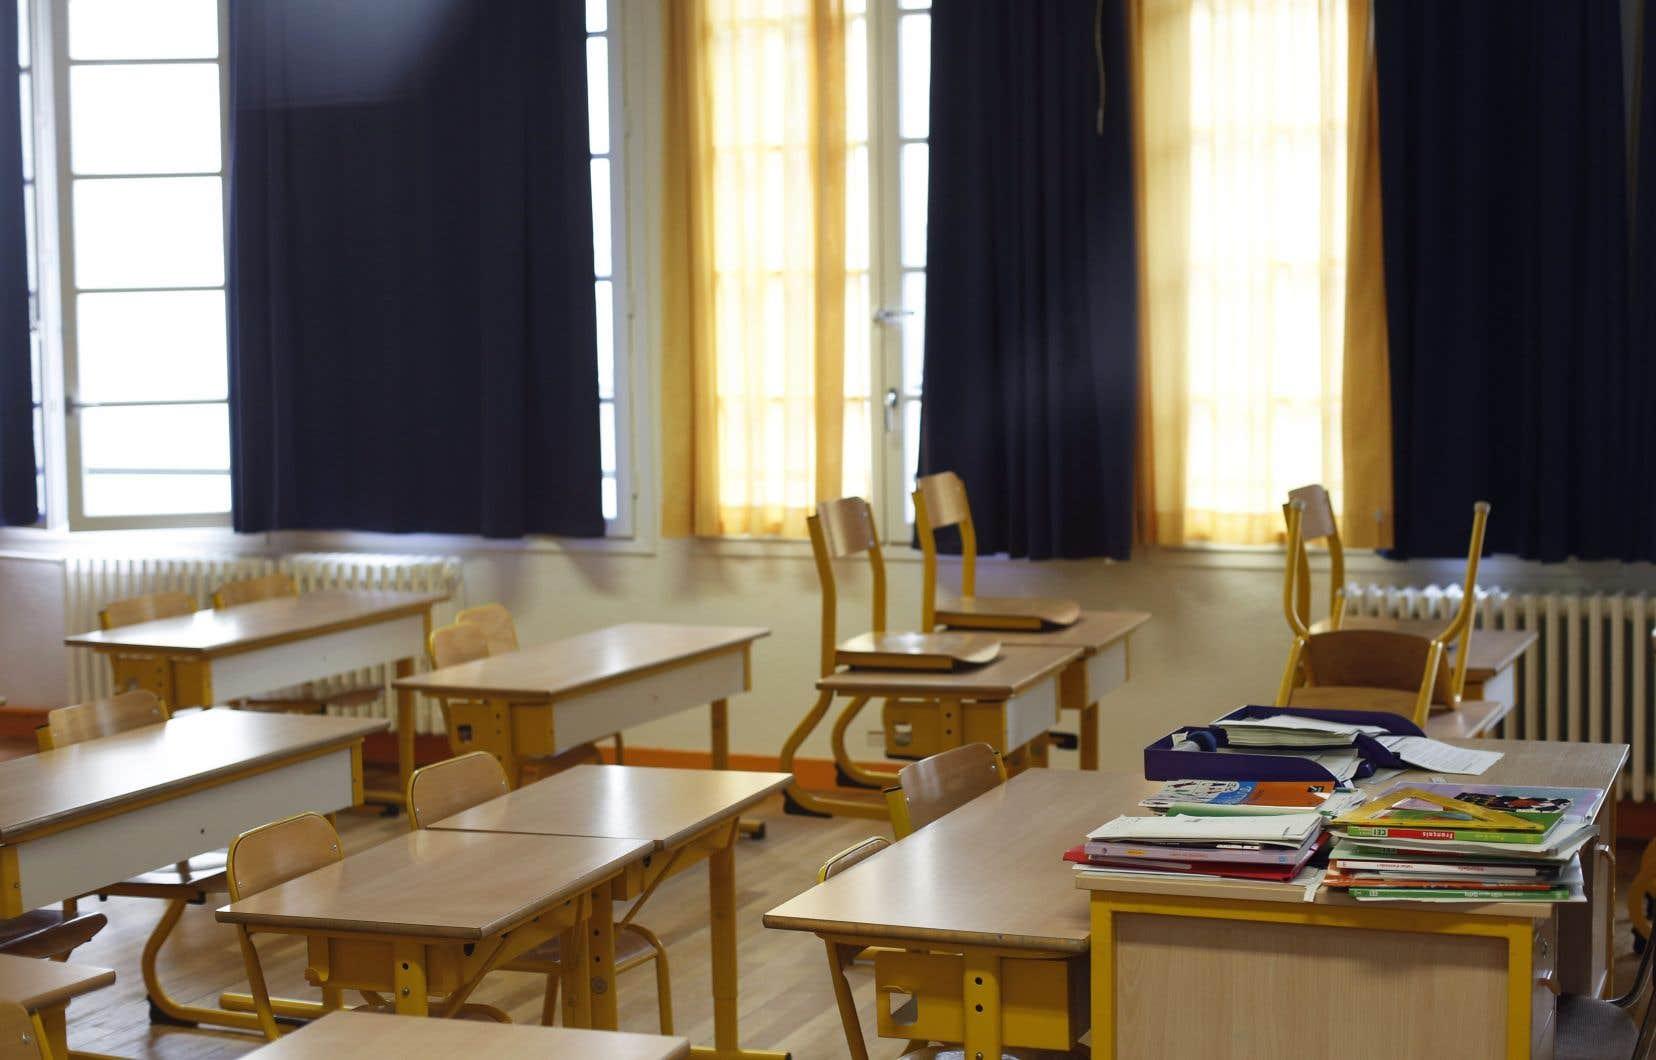 L'Alliance des professeures et professeurs de Montréal représente quelque 9000 enseignants, notamment du primaire, du secondaire et de l'éducation des adultes.